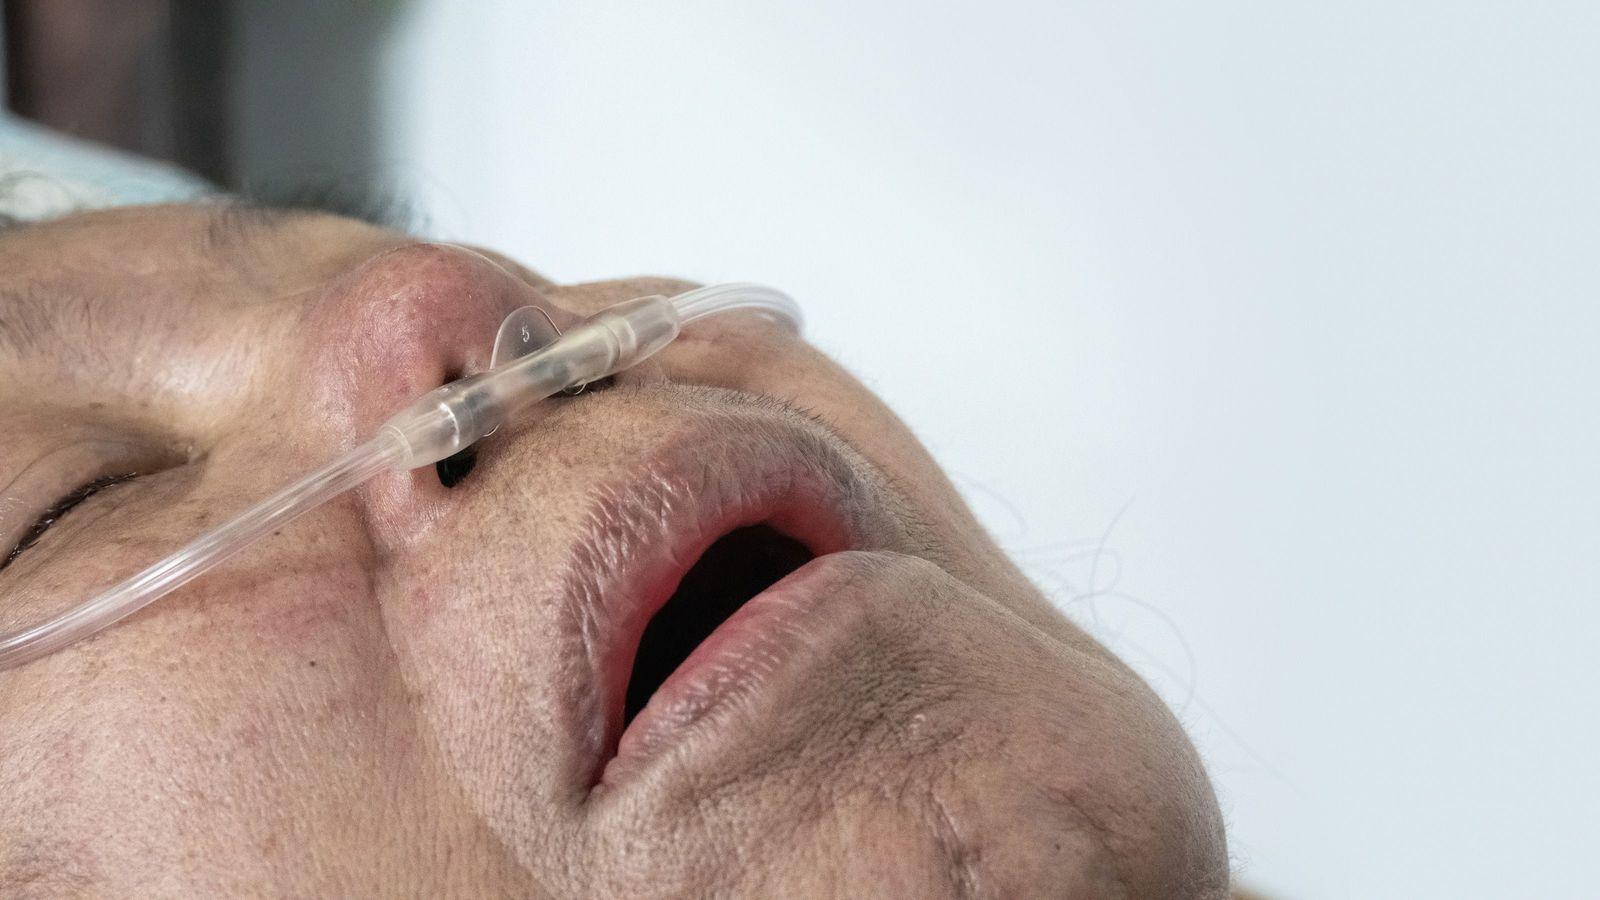 「感染者が出ないと動かない」介護現場のケアマネが厚労省に憤るワケ 老健職員の感染判明で態度が一変